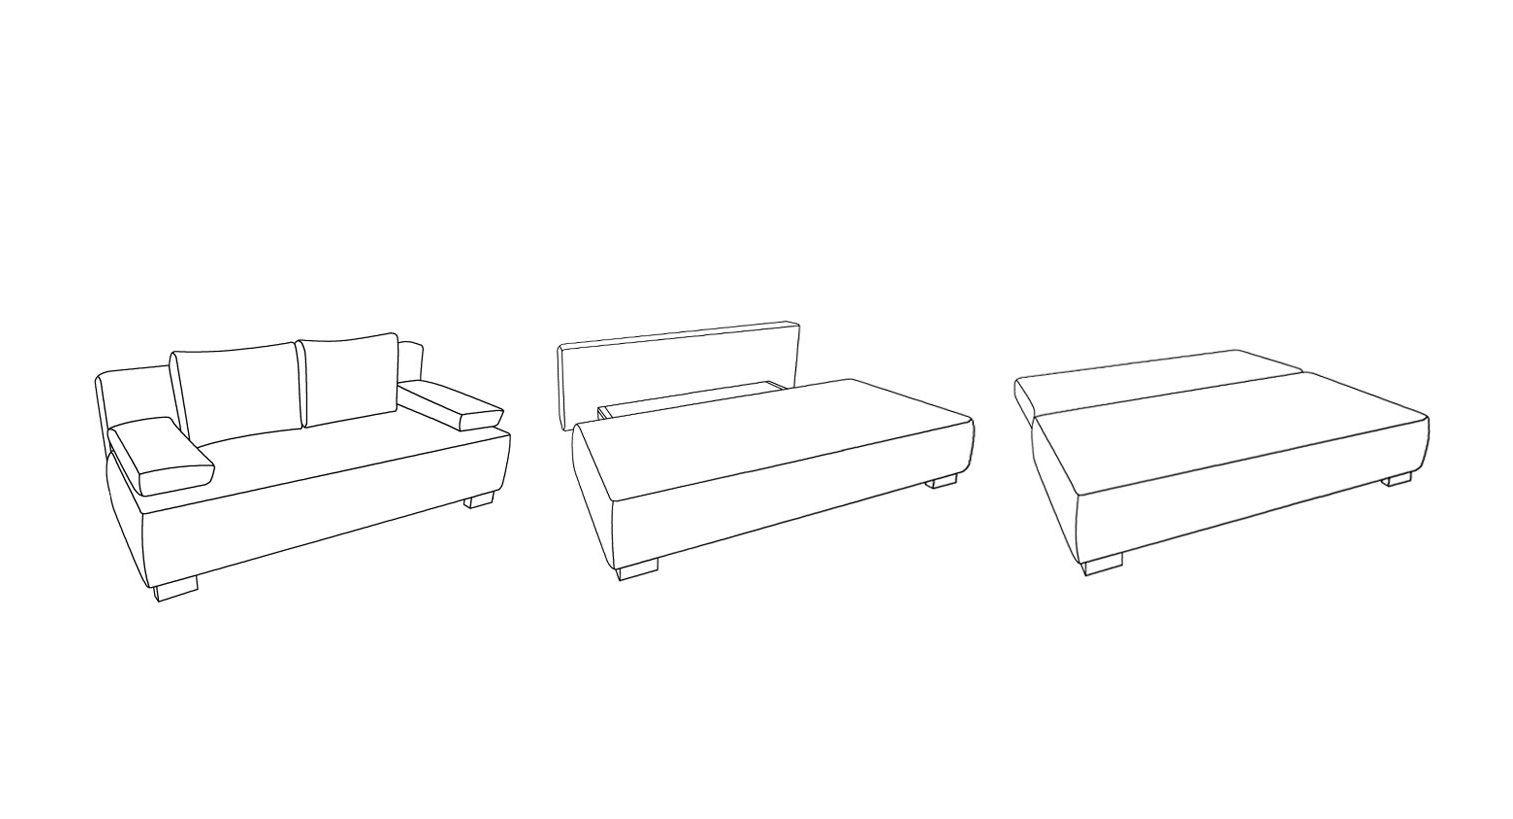 Grafik zur Umwandlung des Schlafsofas zum Doppelbett